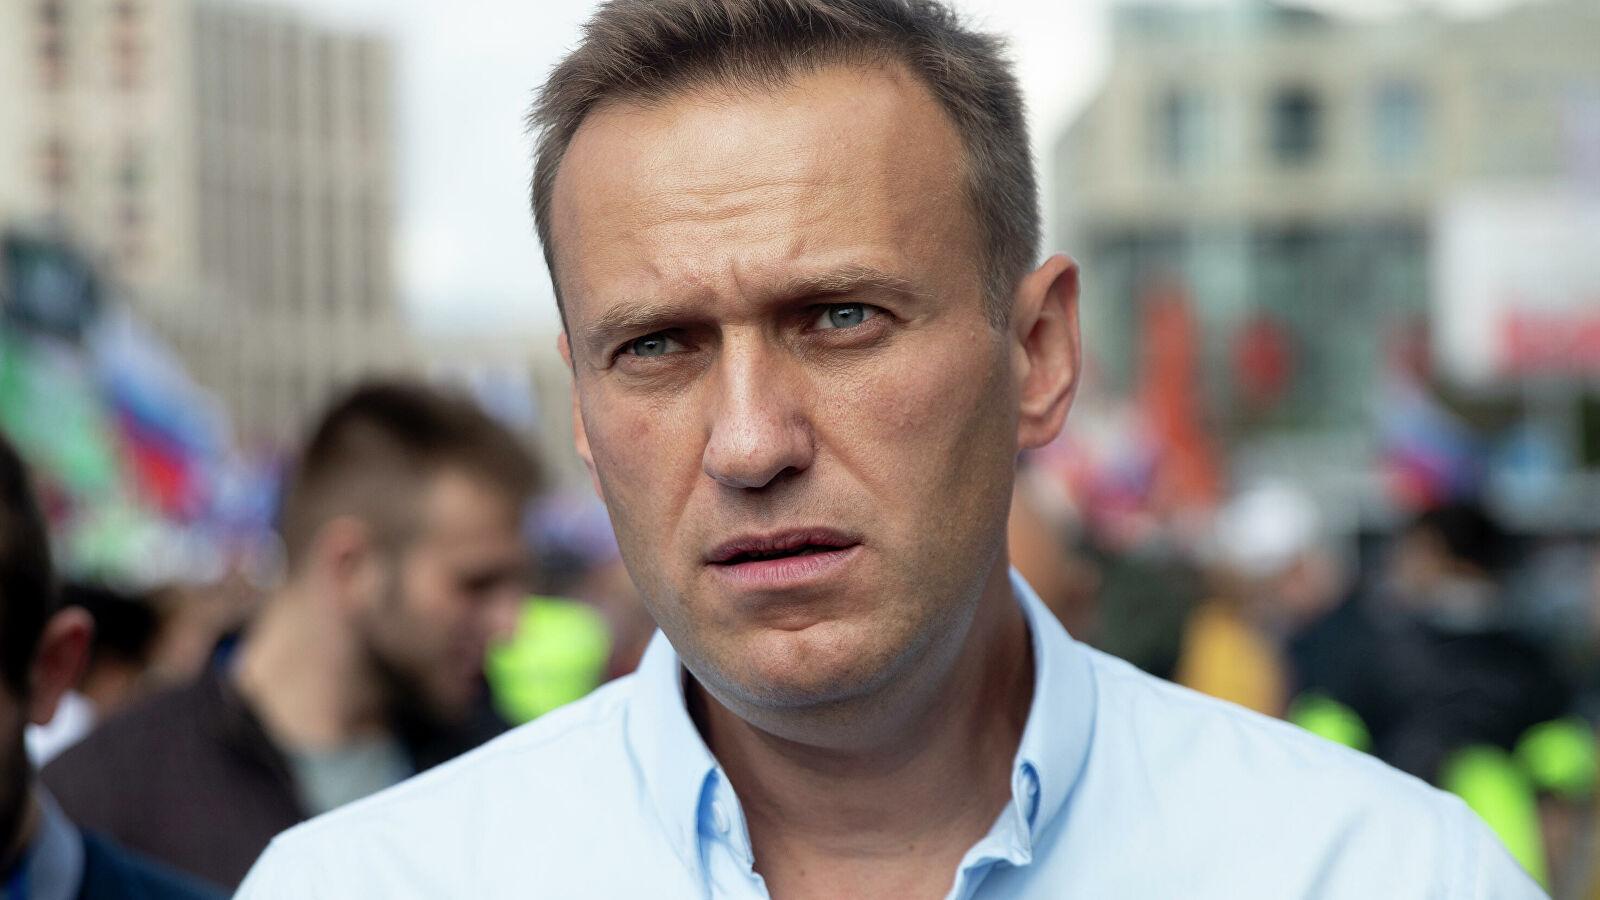 德媒:俄反对派人士已能说话 或对飞机上的事有记忆